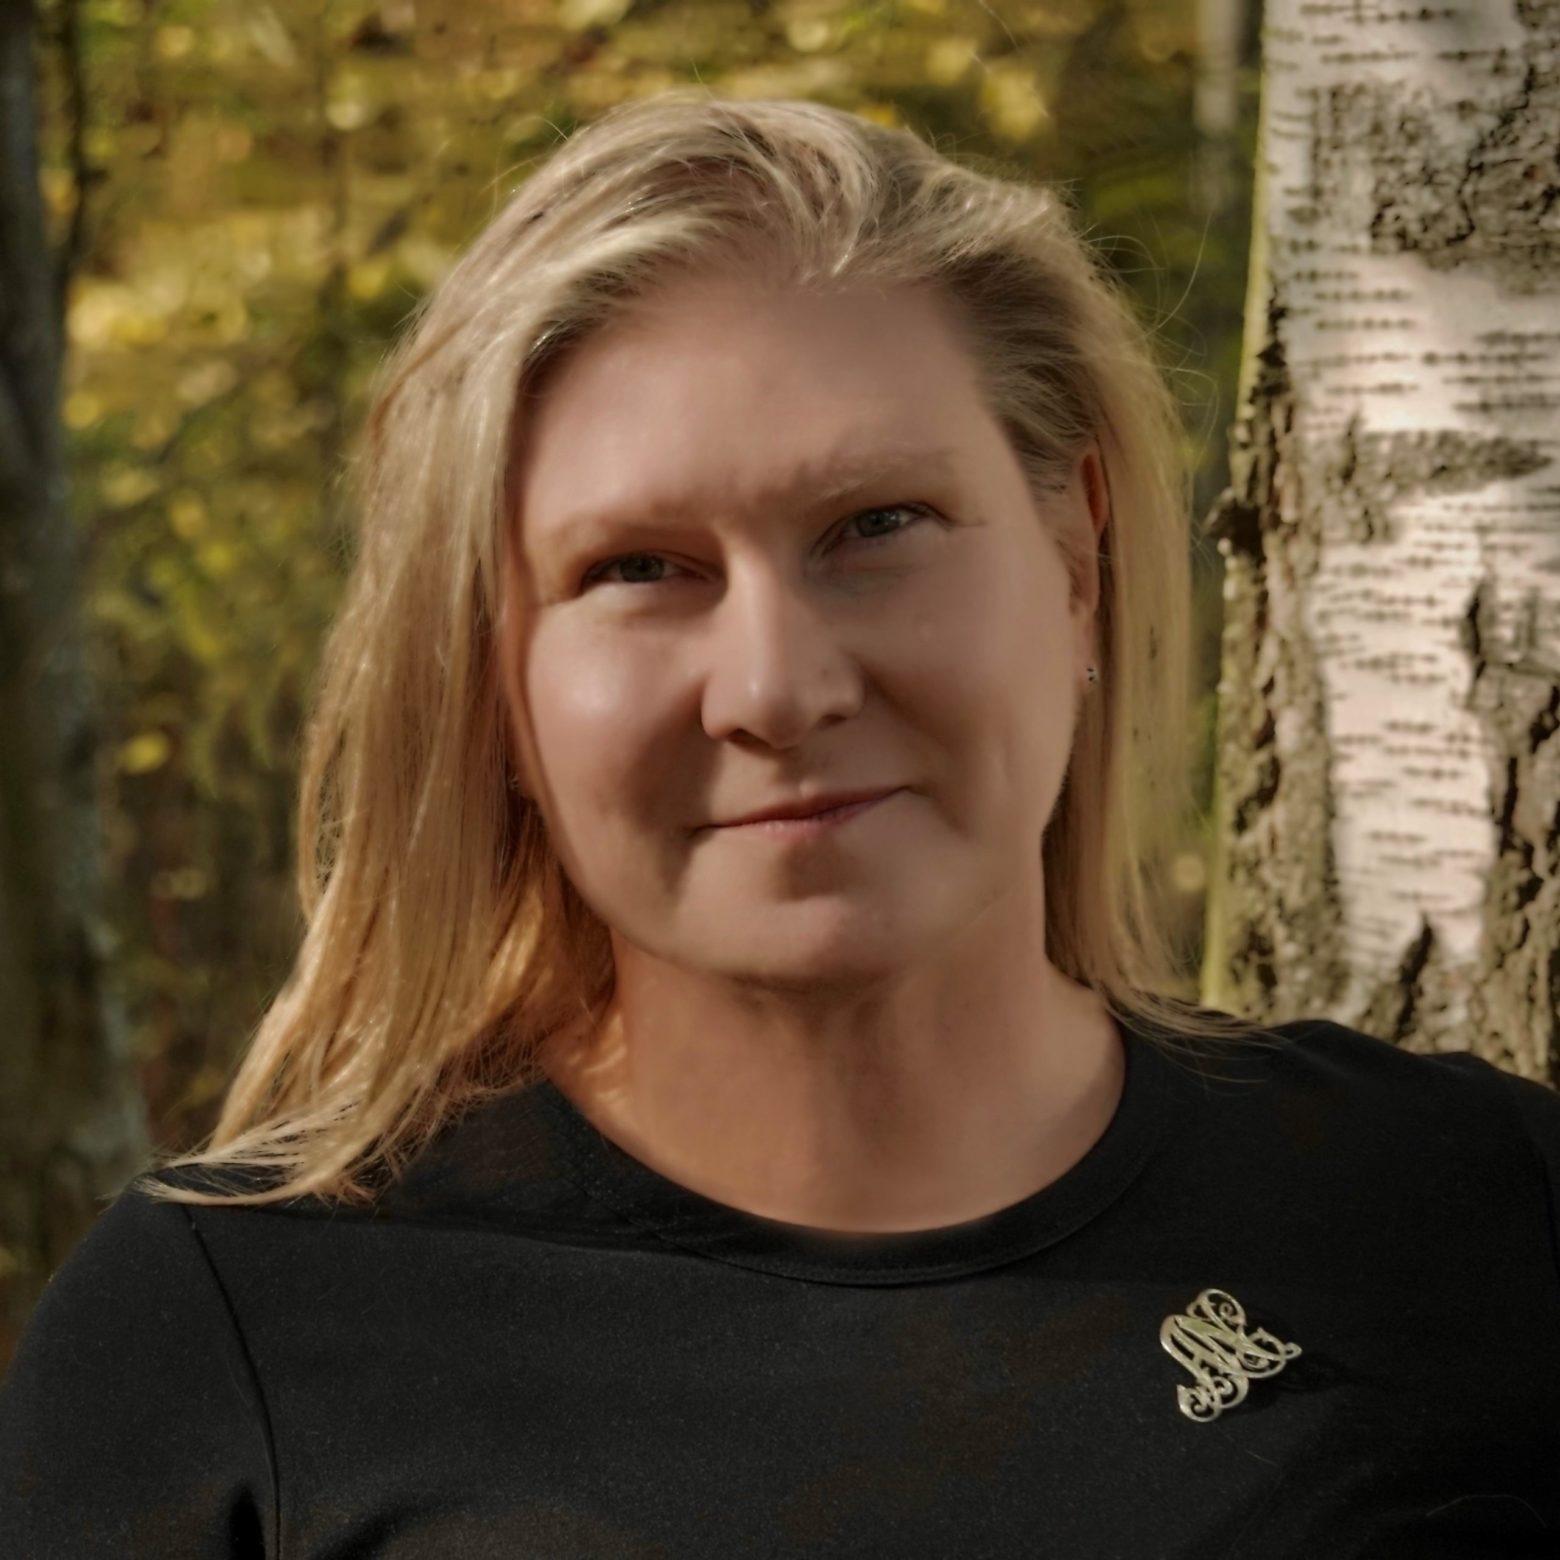 Anne Nikula kesäisessä maisemassa